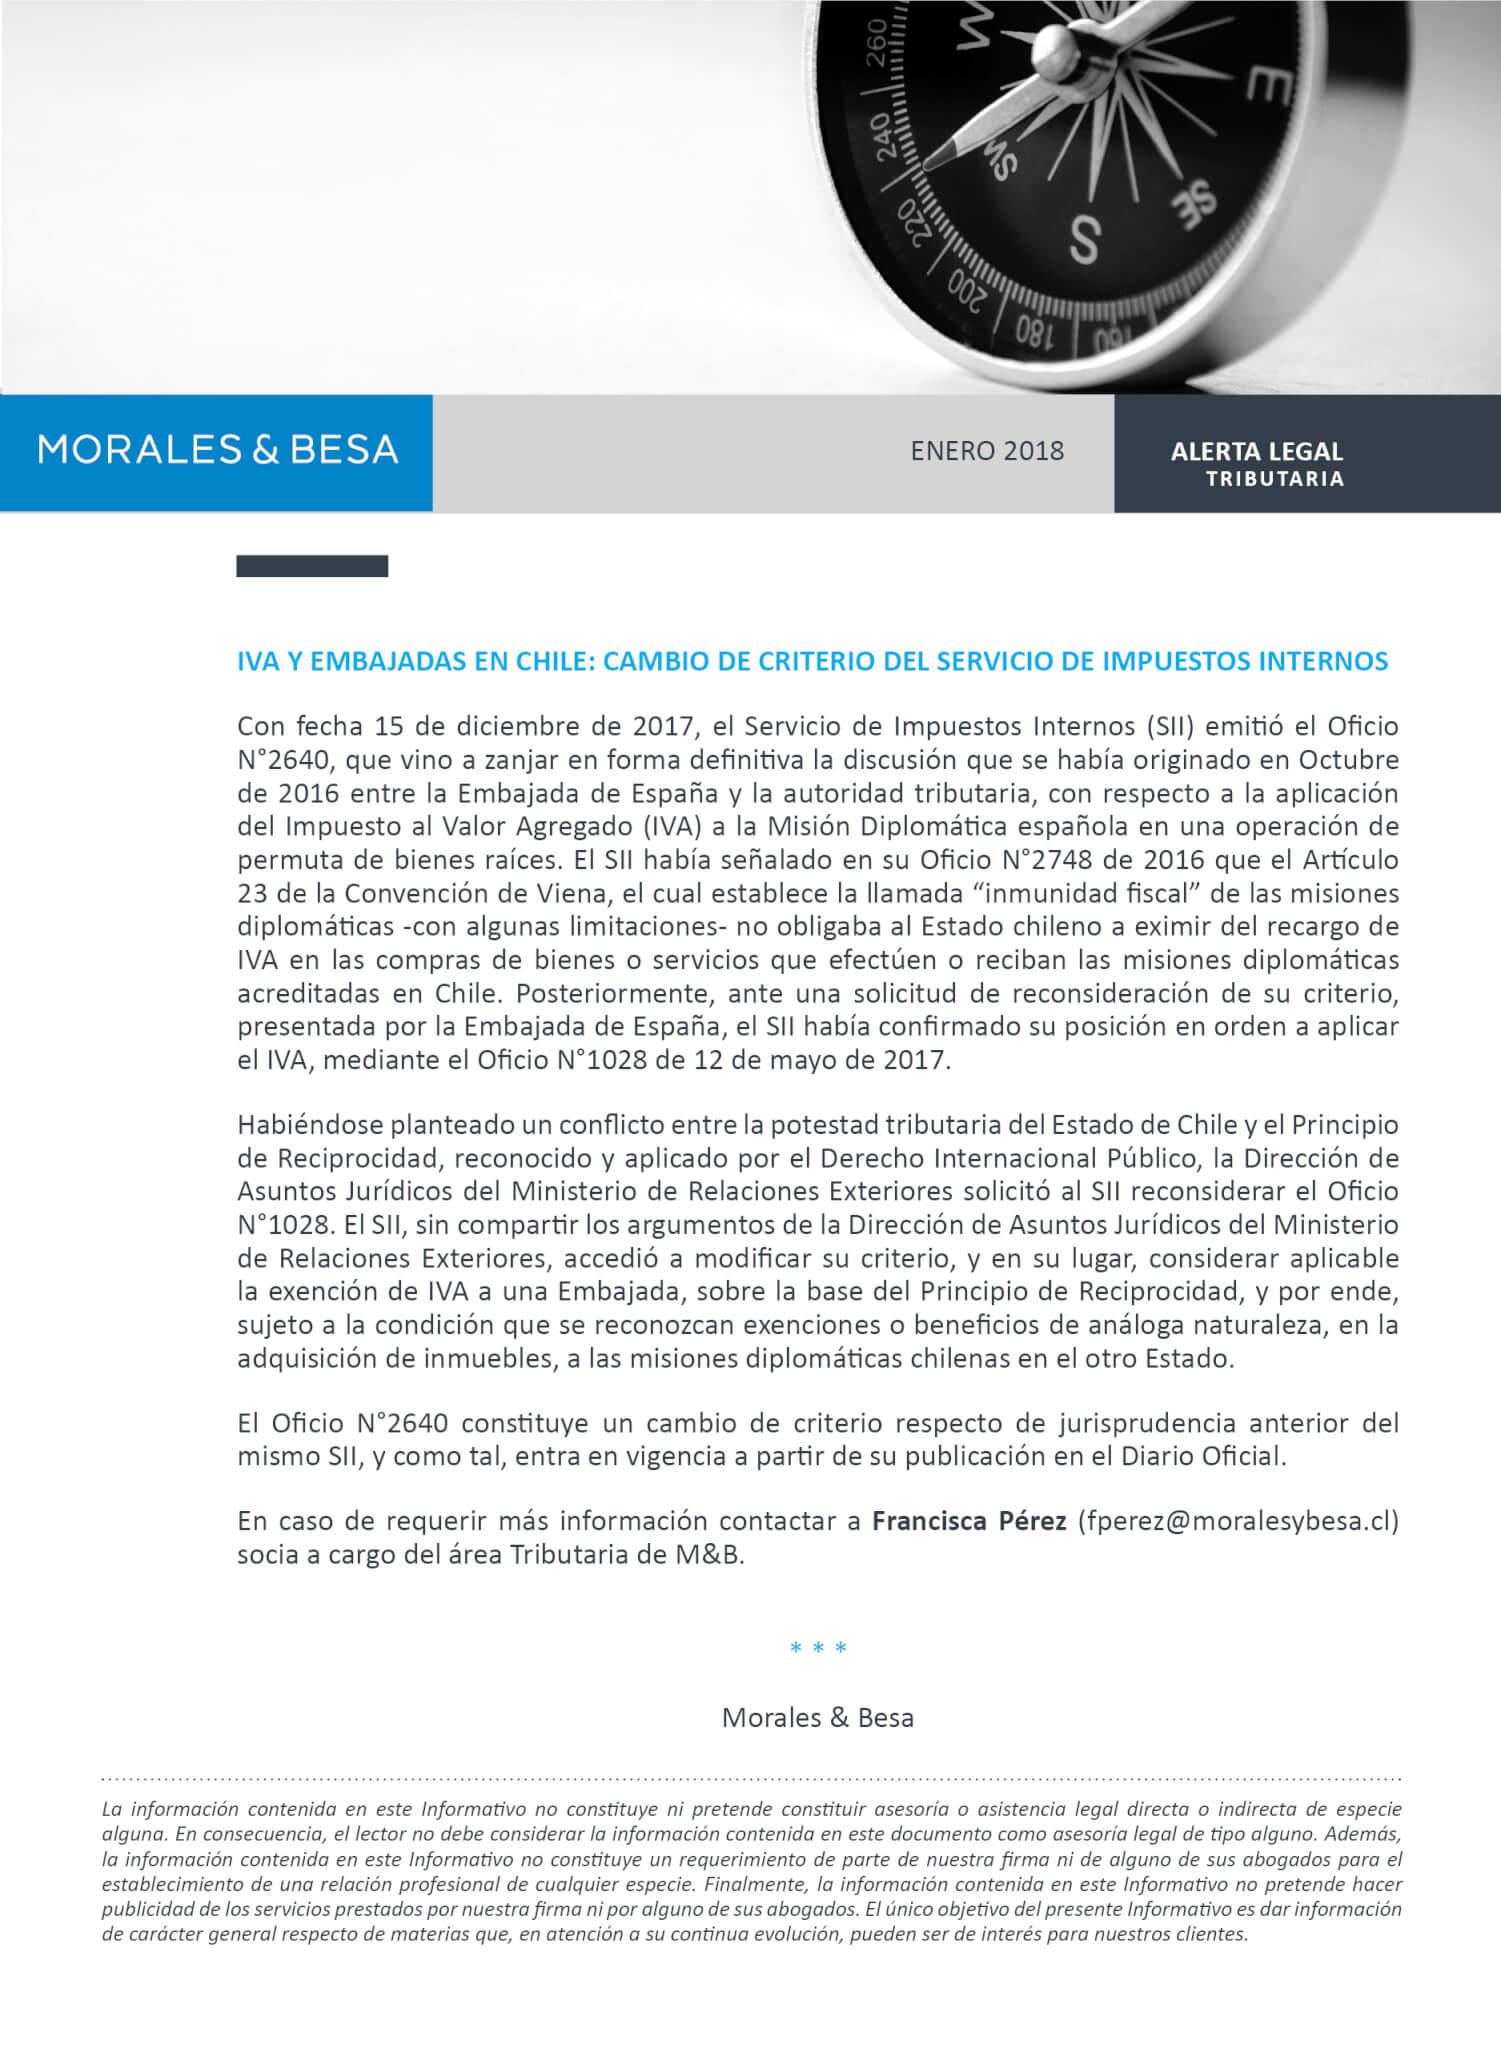 Morales & Besa_Alerta Legal_IVA Embajadas_Enero 2018